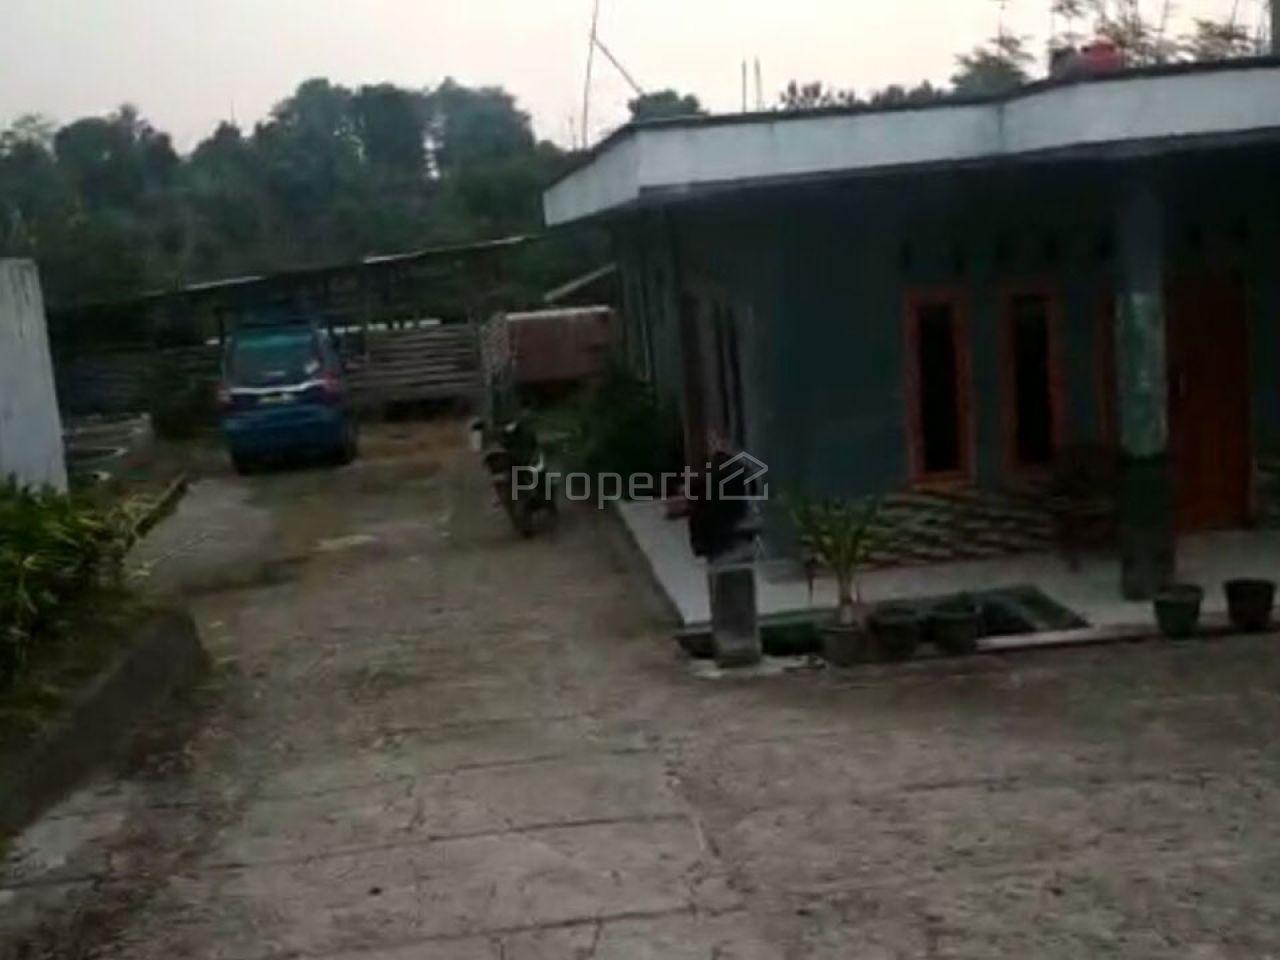 Lahan Investasi dan Bangunan di Sukajaya, Bogor, Kab. Bogor